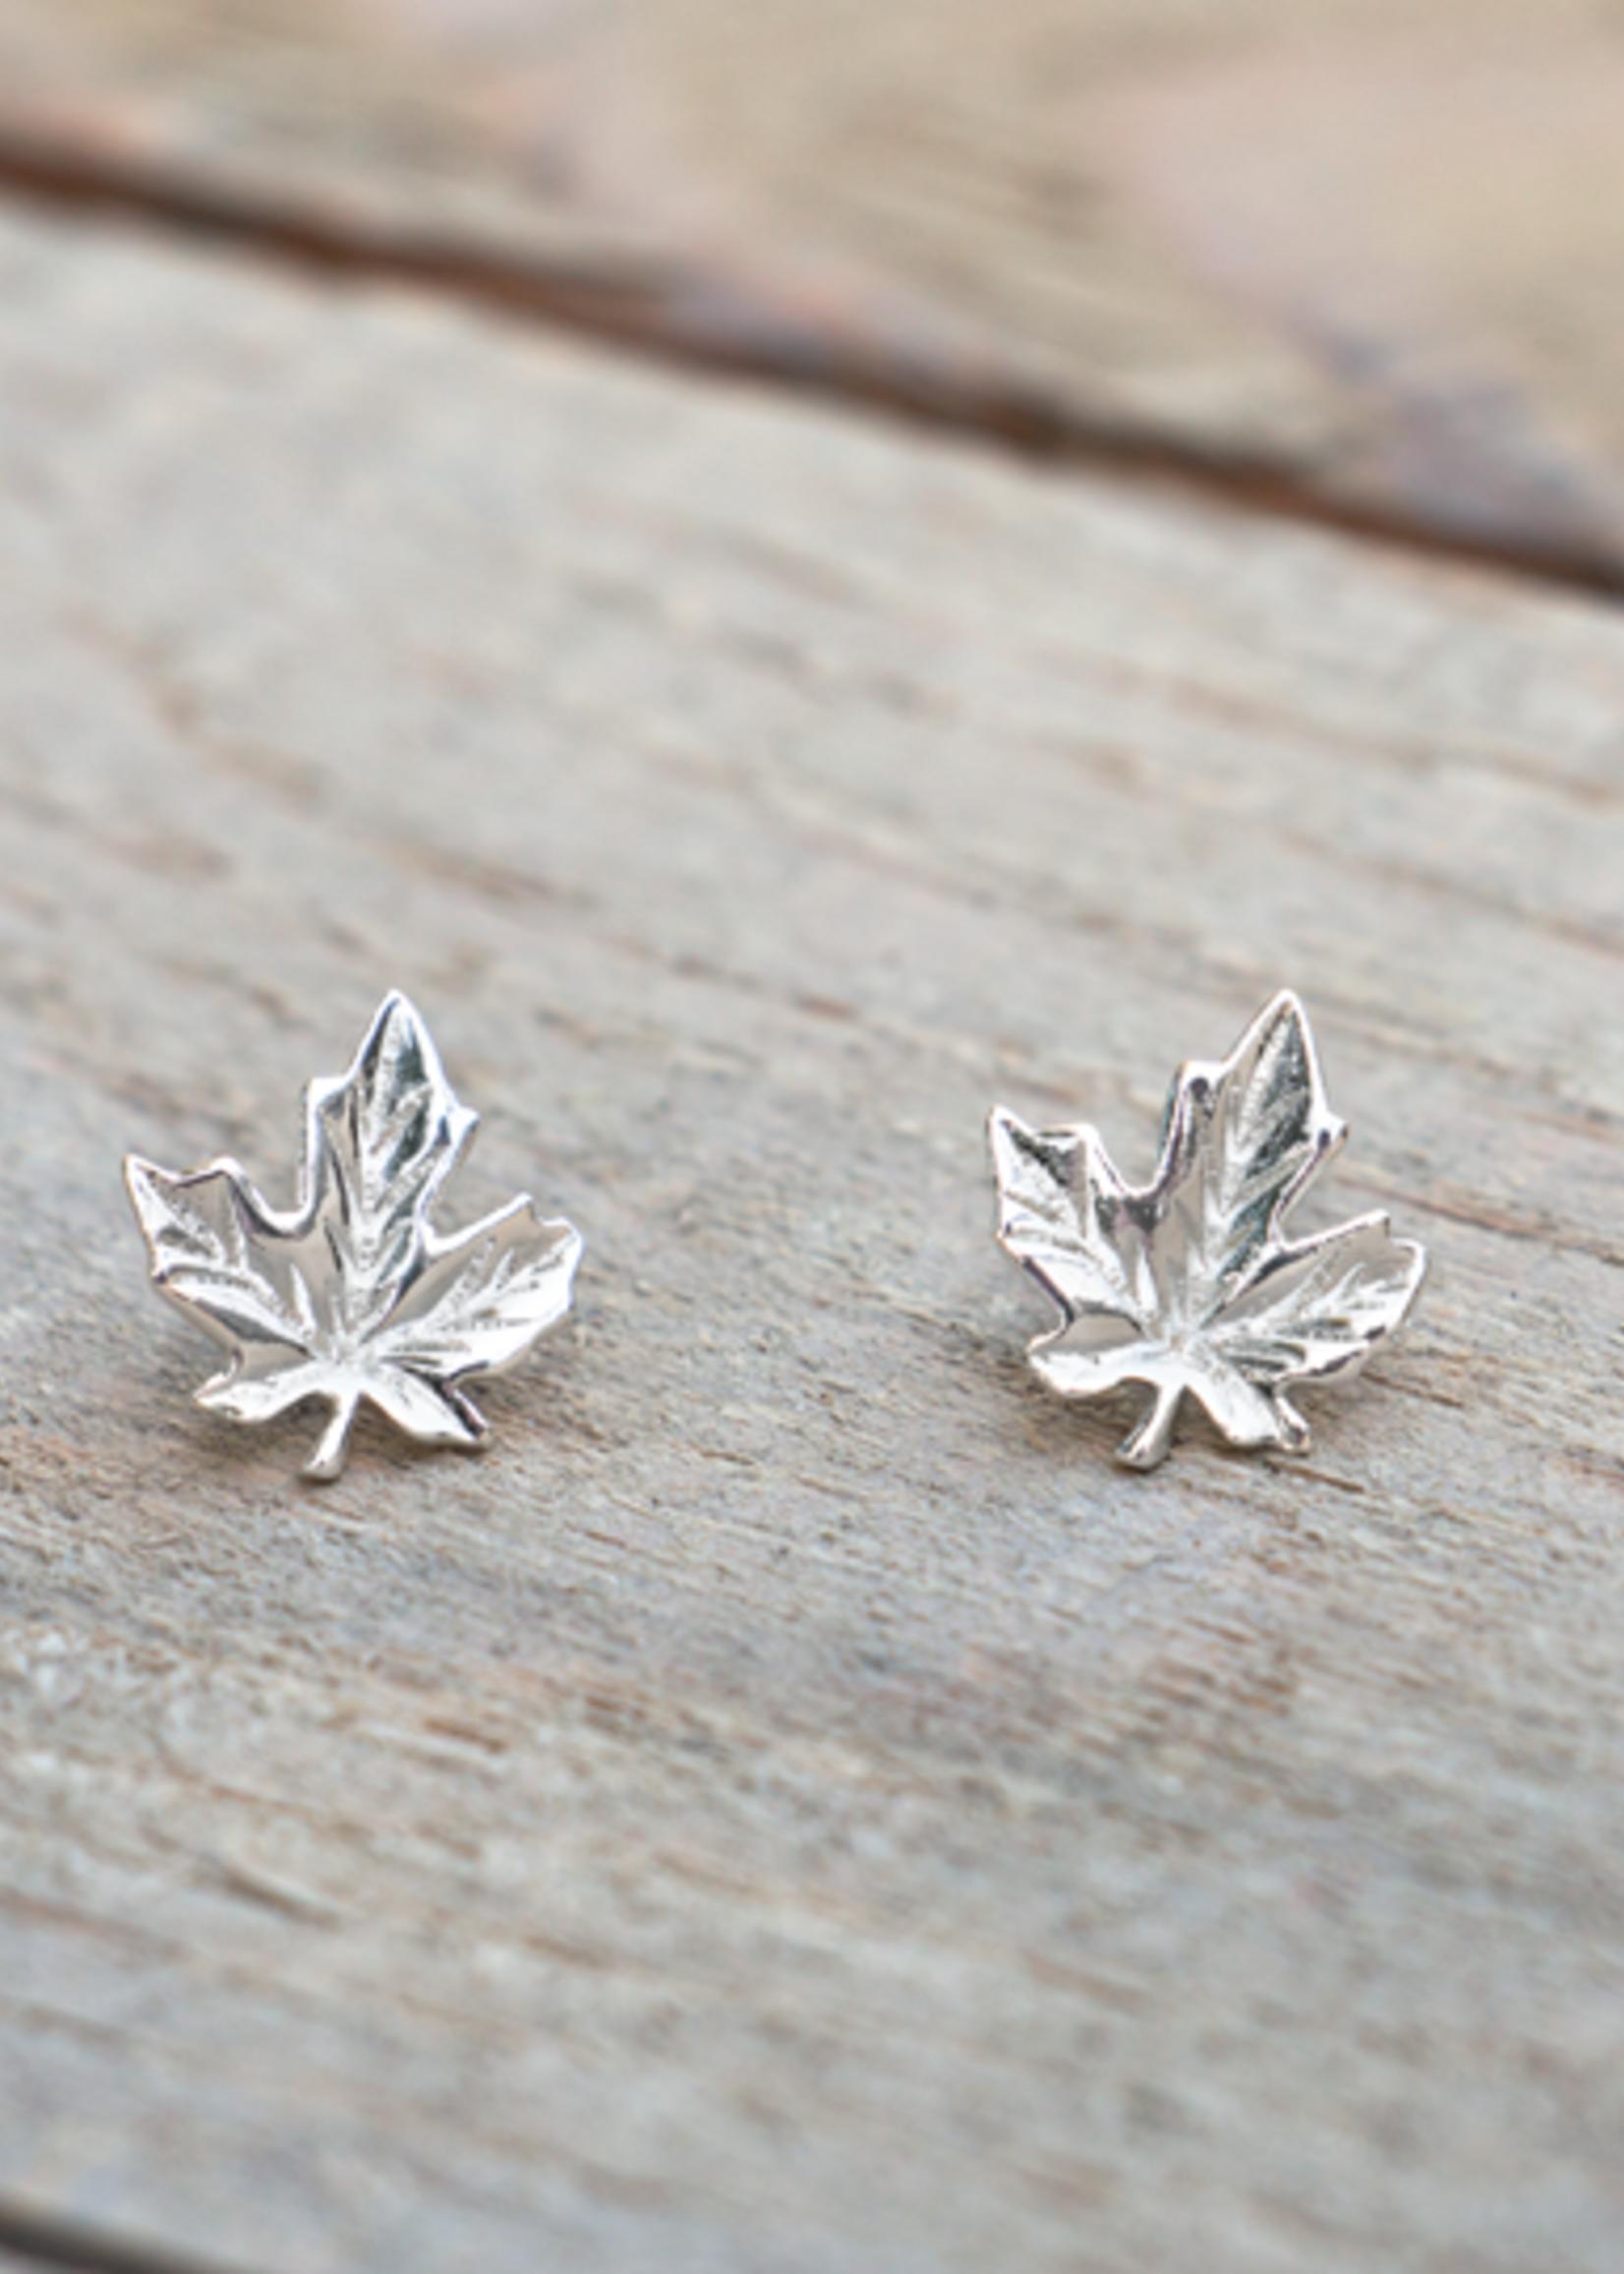 Glee Jewelry Silver Maple leaf stud earring